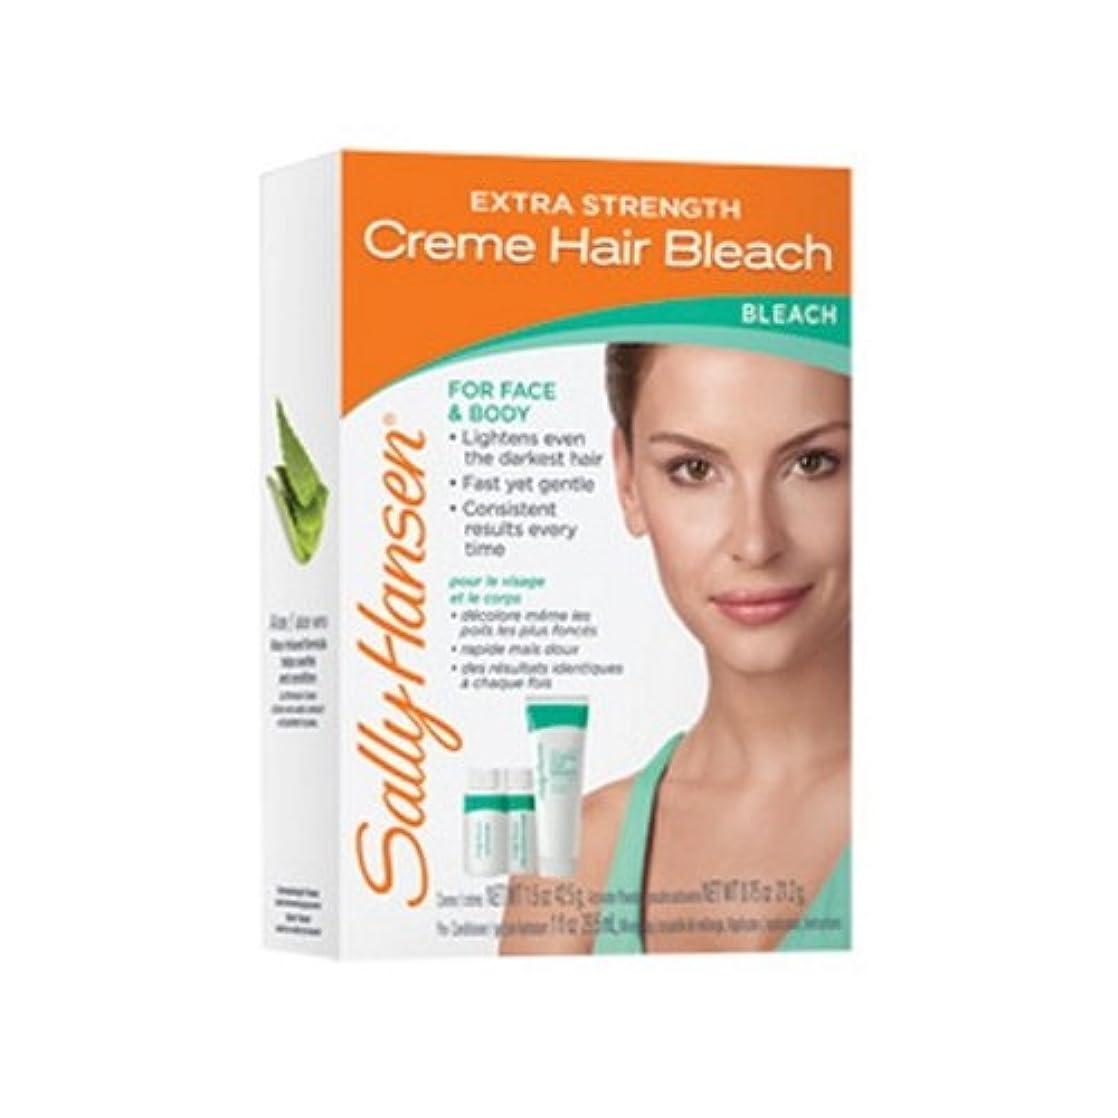 メロンプレゼント町SALLY HANSEN Extra Strength Creme Hair Bleach for Face & Body - SH2010 (並行輸入品)